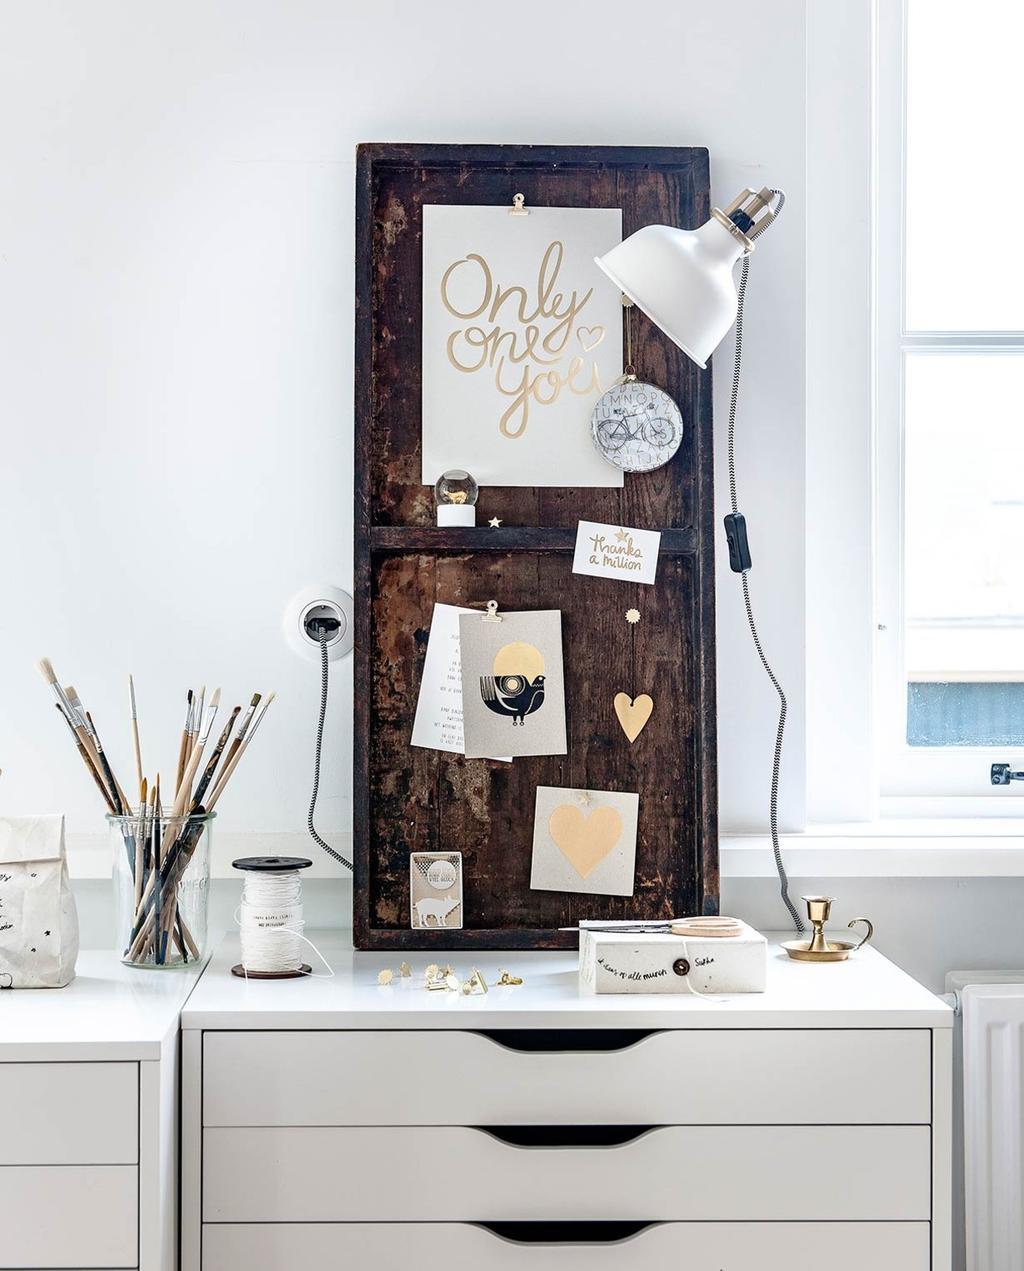 Maak een inspiratiemuur voor bij je thuiswerkplek, keuken of slaapkamer